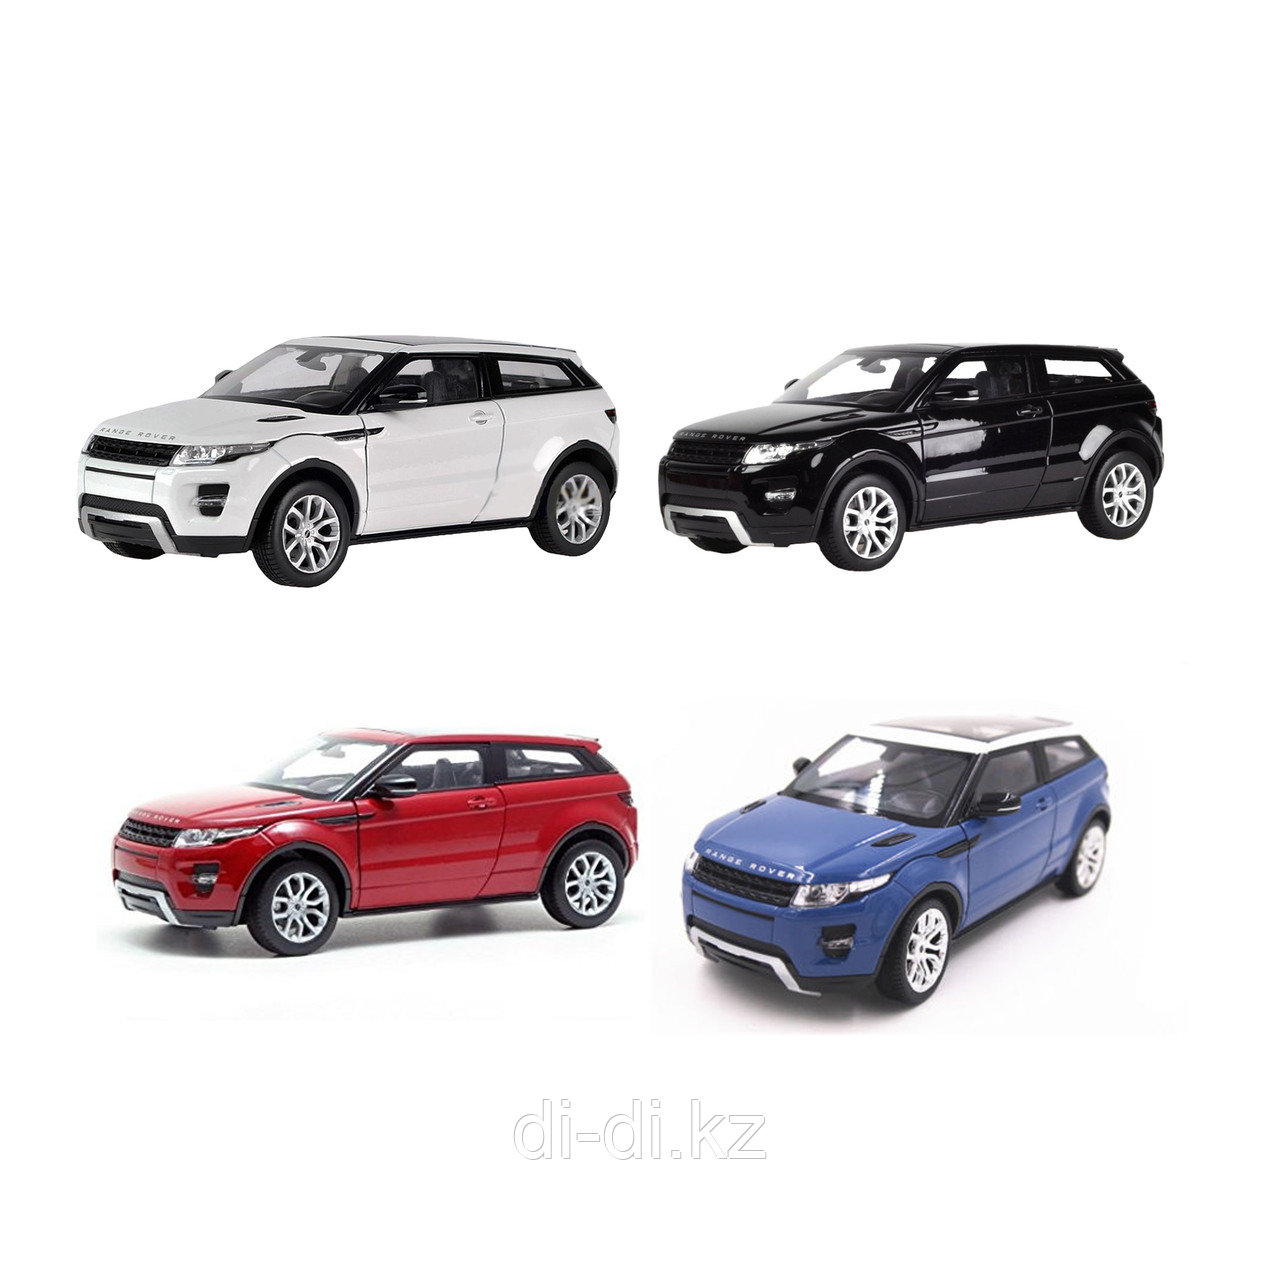 Игрушка модель машины 1:24 Range Rover Evoque